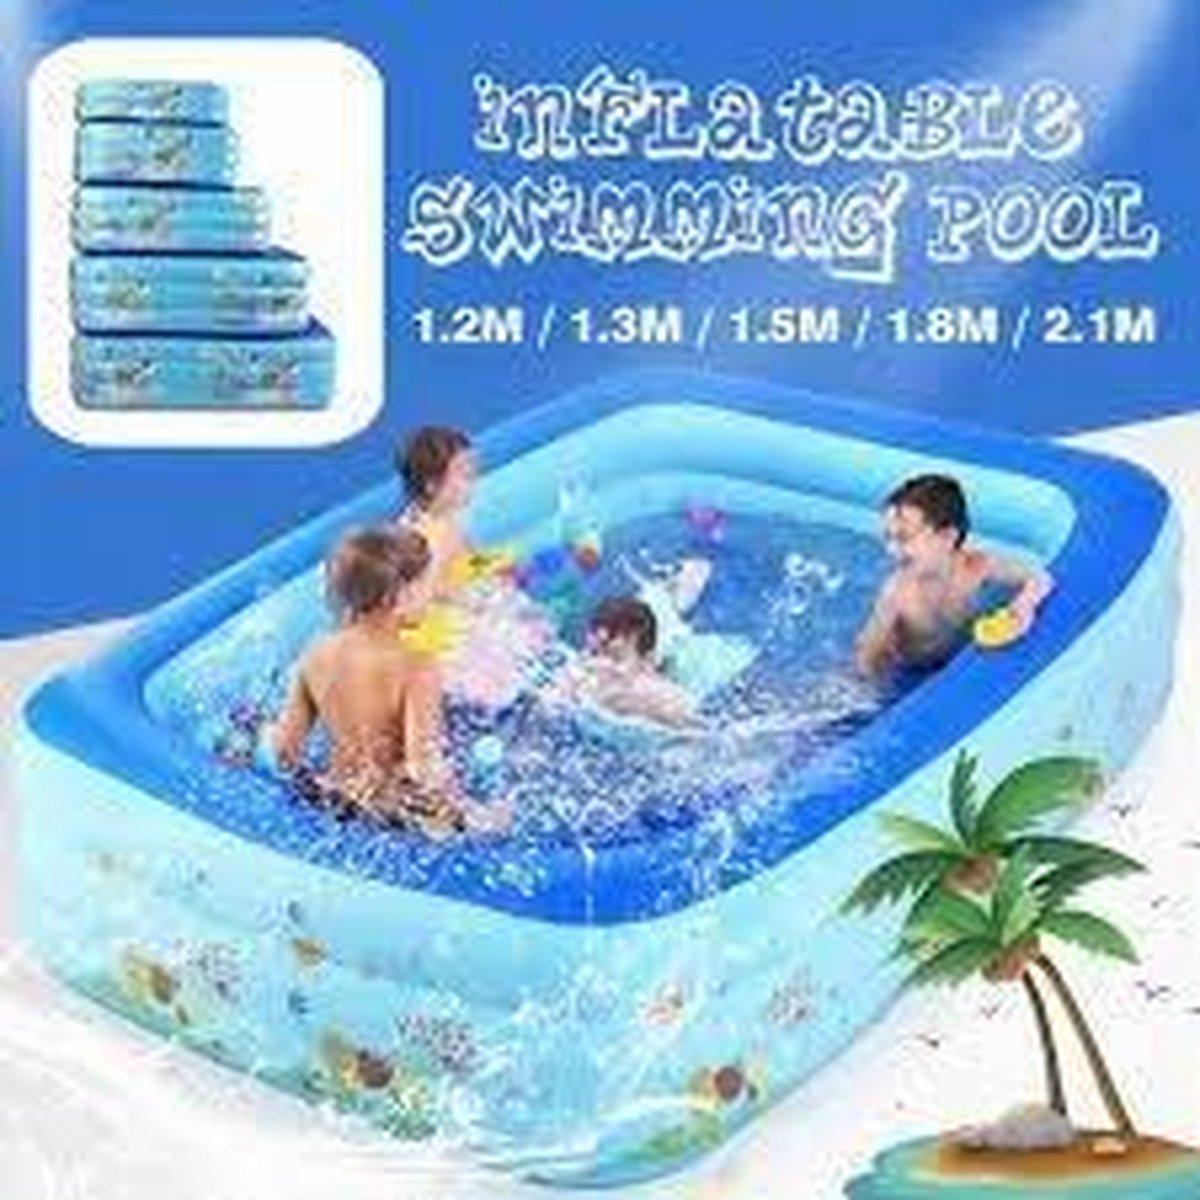 Zwembad Bad~Outdoor Grote Zwembad Opblaasbare Vierkante zwembad